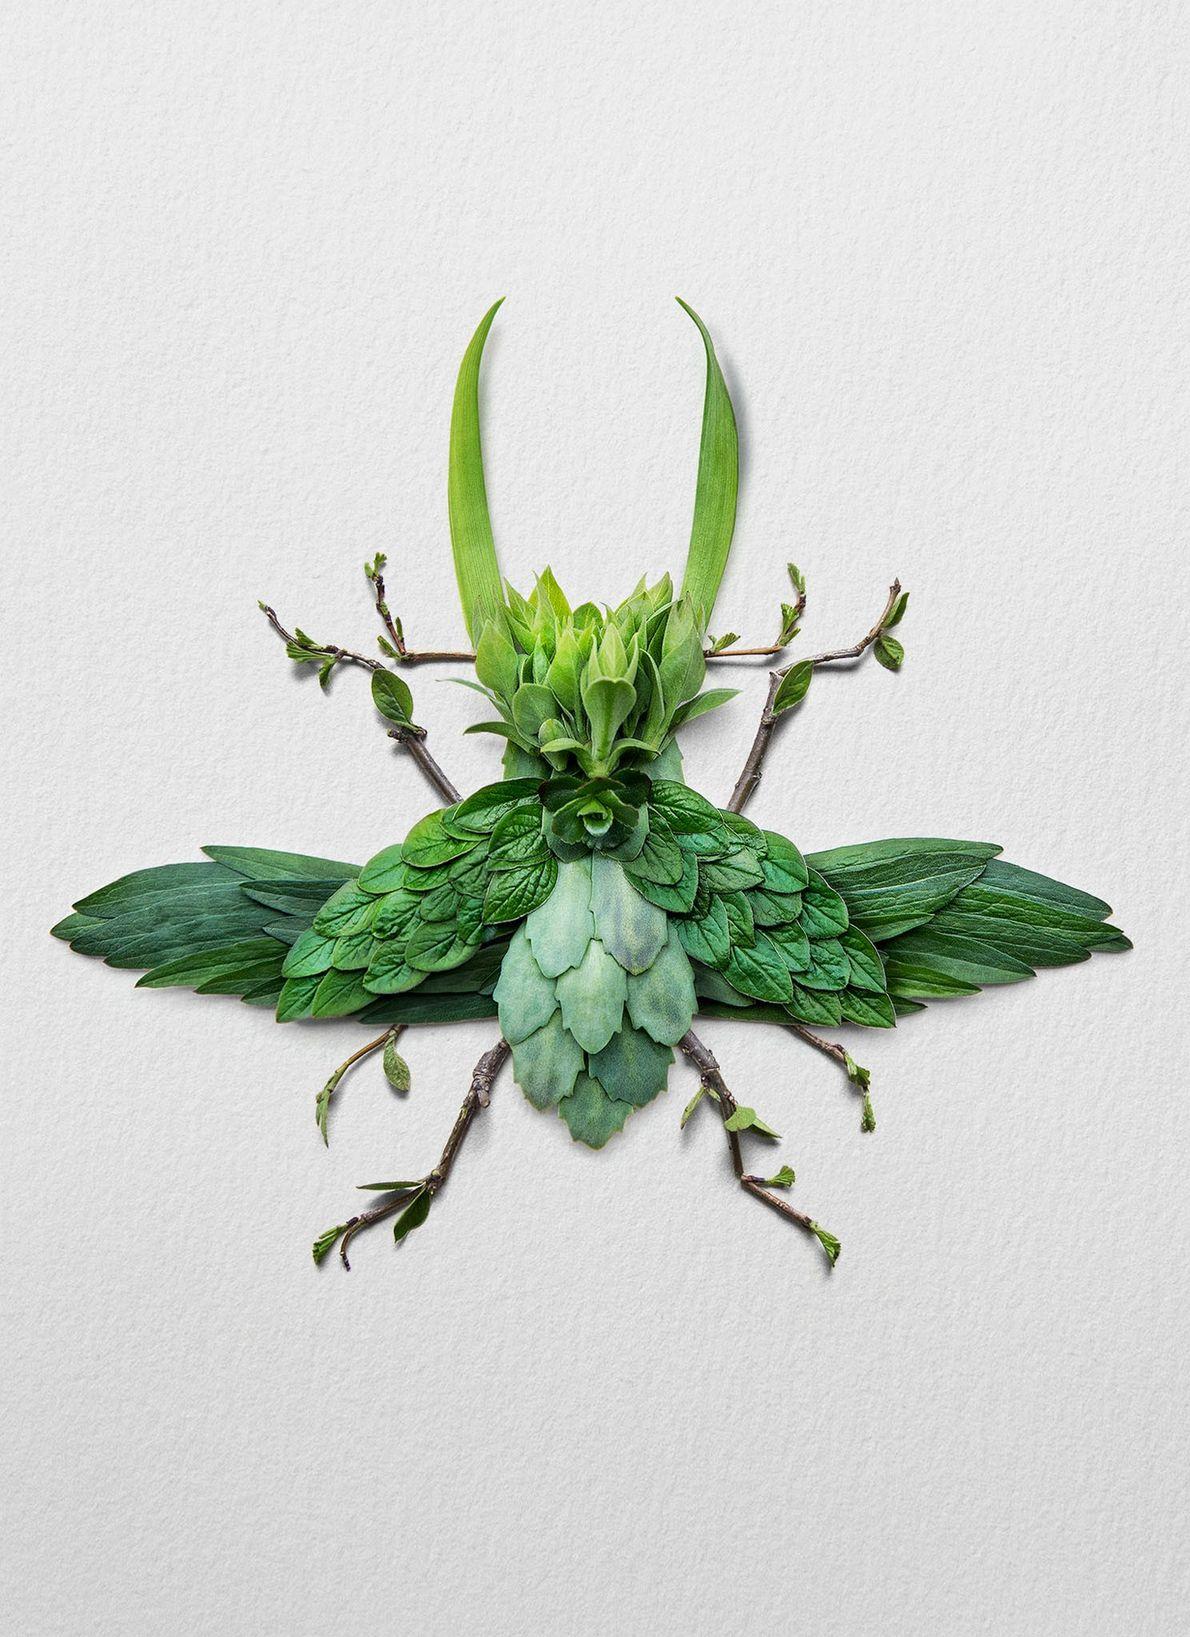 Les lucanes sont un symbole culturel au Japon, pays natal de l'artiste Raky Inoue. En hommage, ...